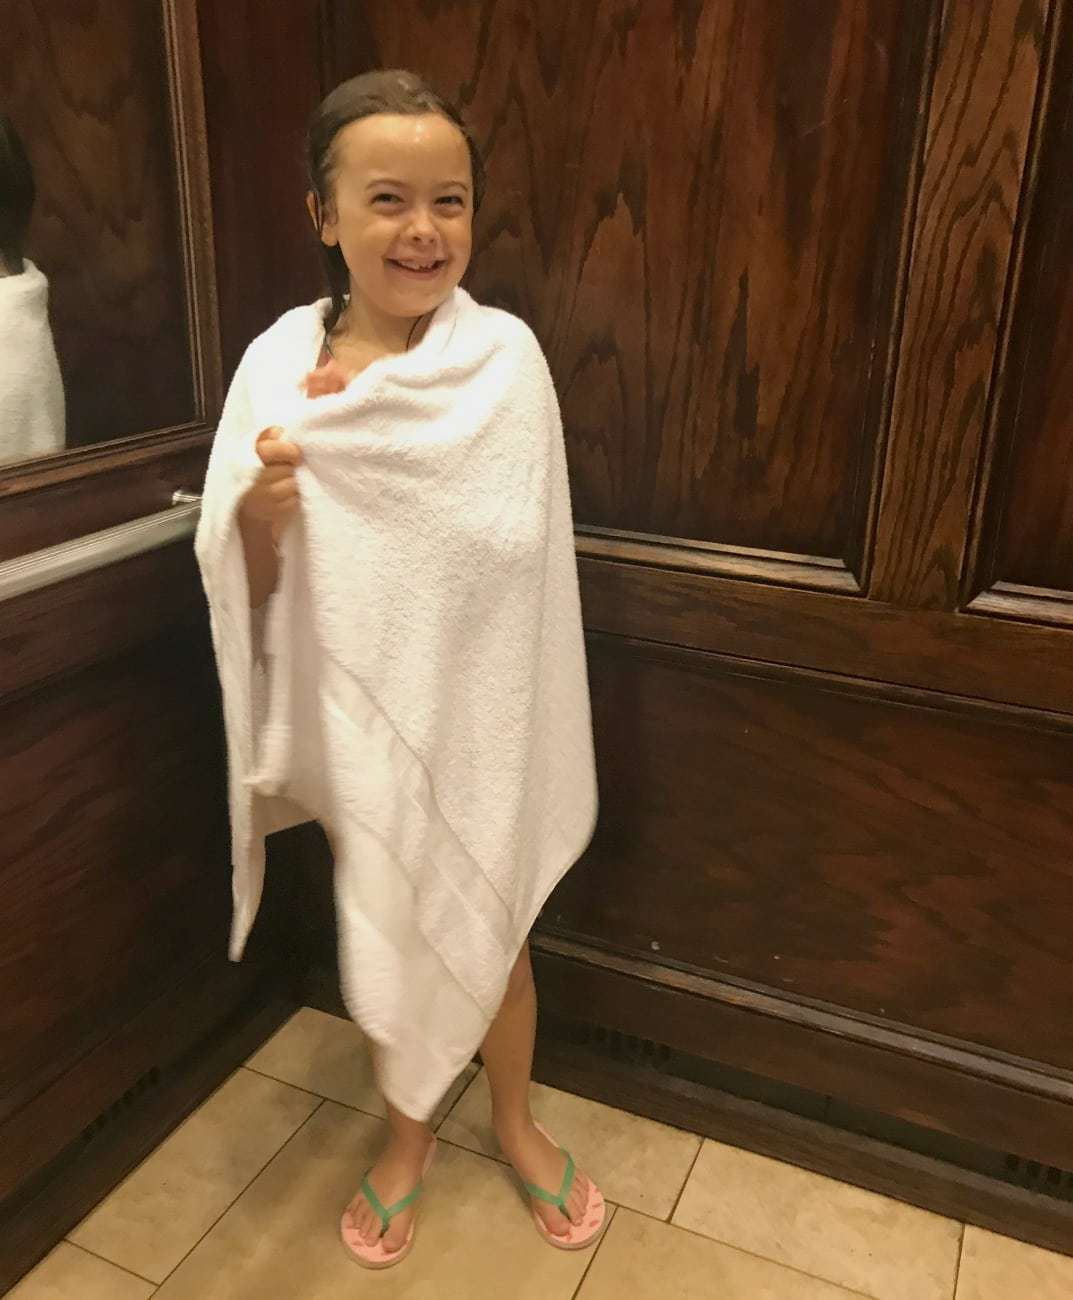 Sheraton Raleigh Hotel Pool